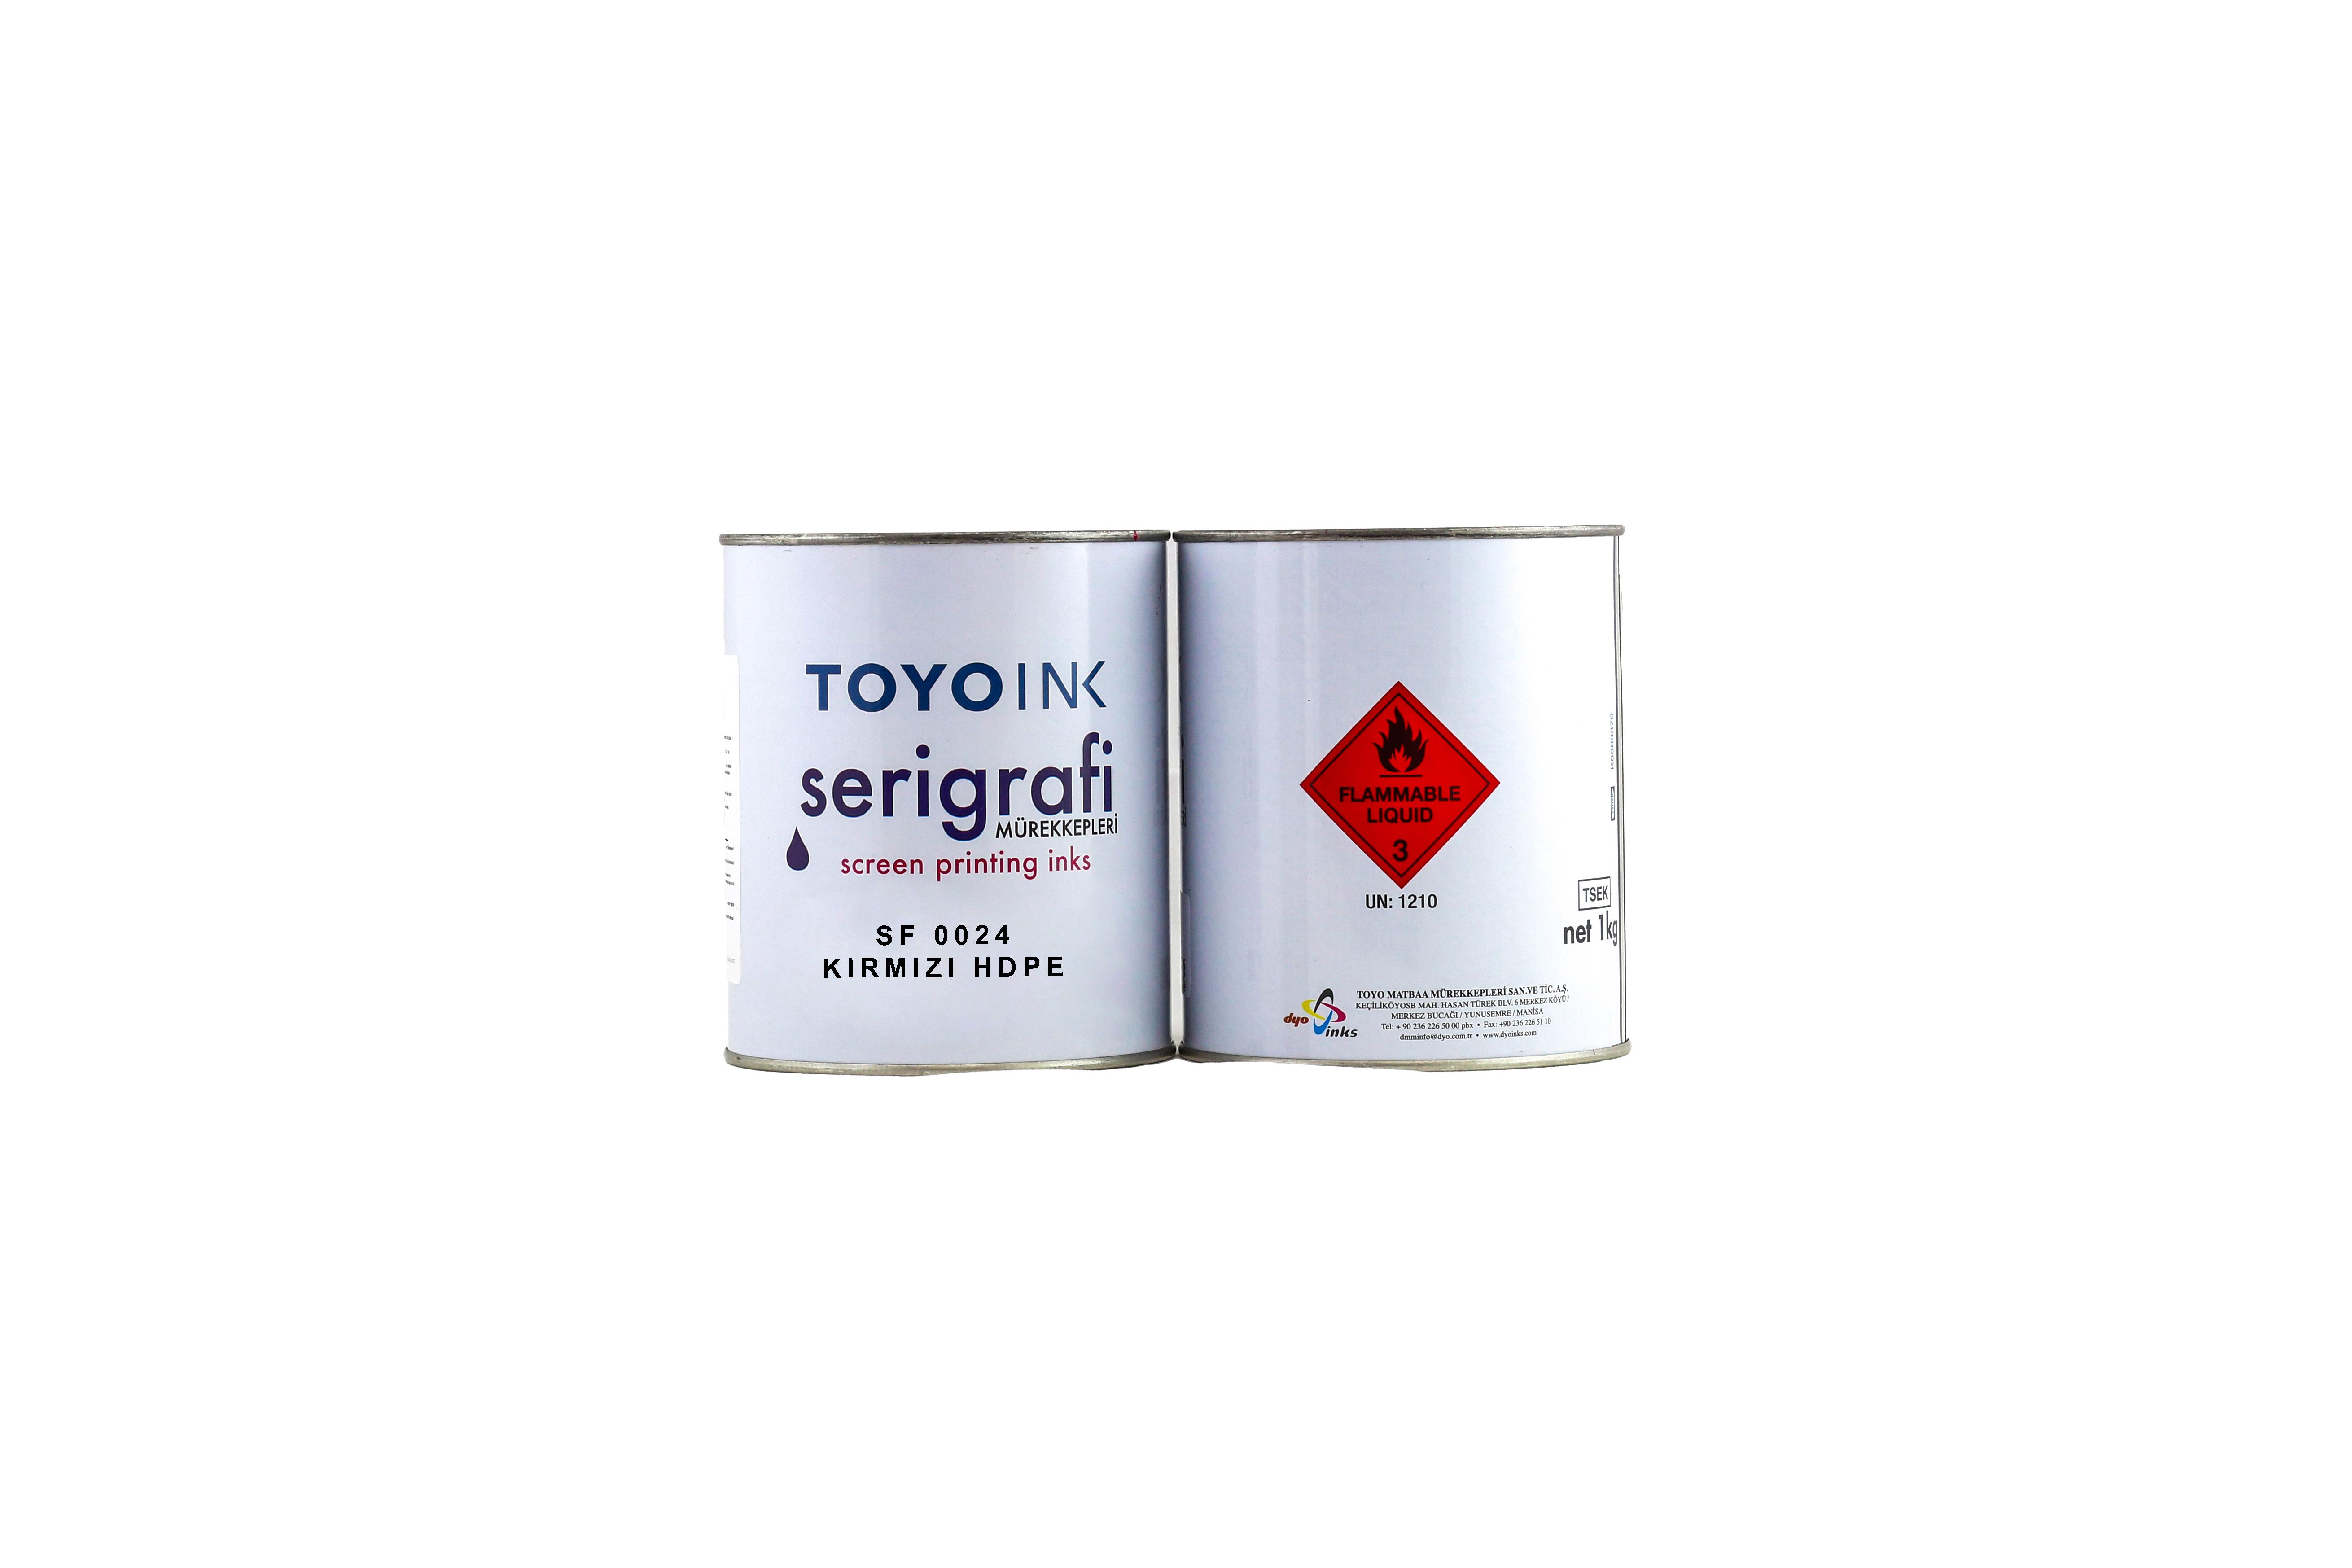 Toyo Ink - SF 0024 Kırmızı HDPE 1